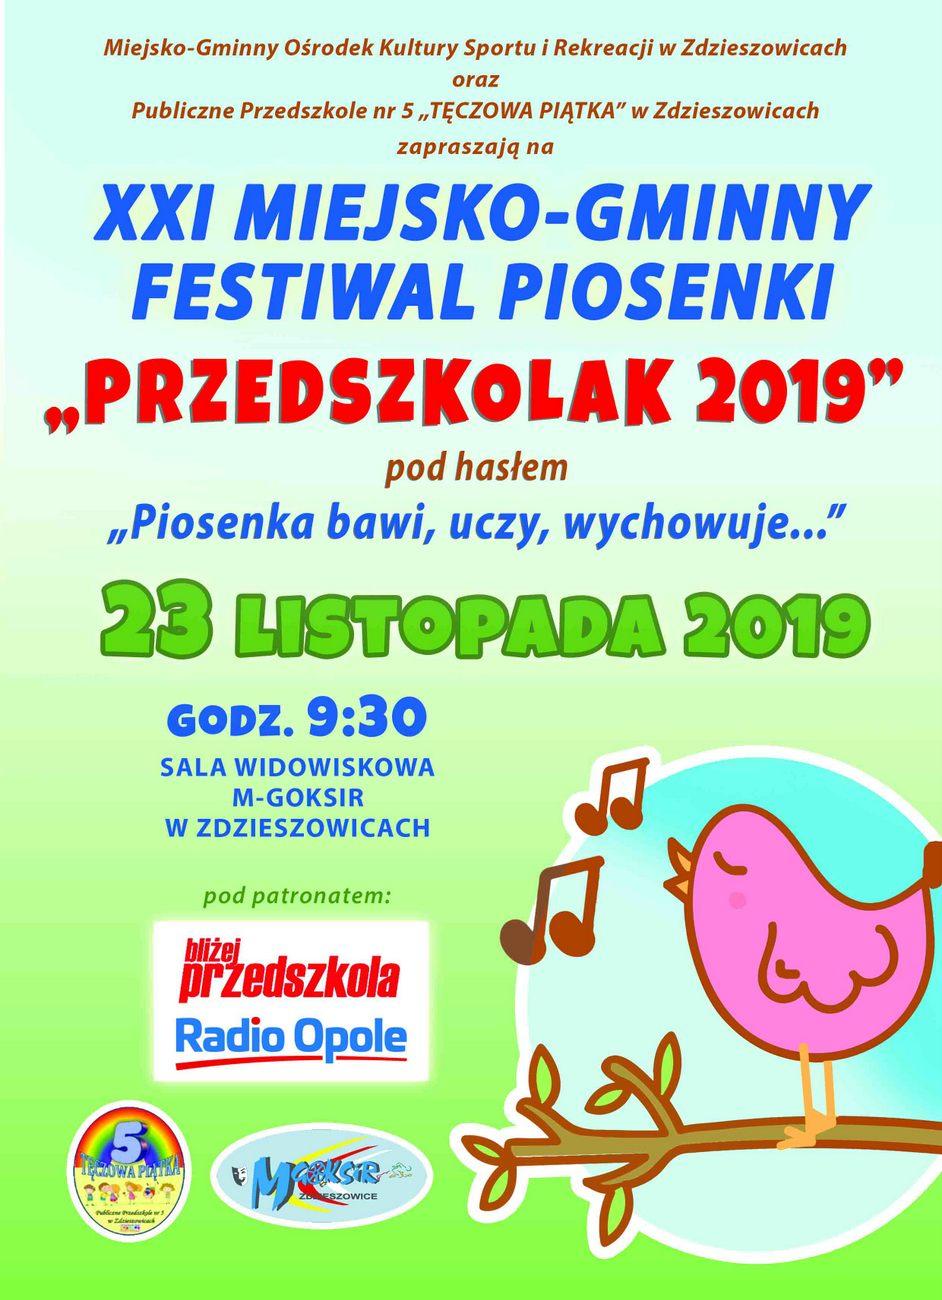 """XXI Miejsko-Gminny Festiwal Piosenki """"Przedszkolak 2019"""" już w sobotę w Zdzieszowicach – poznaj szczegóły! [materiały organizatora]"""